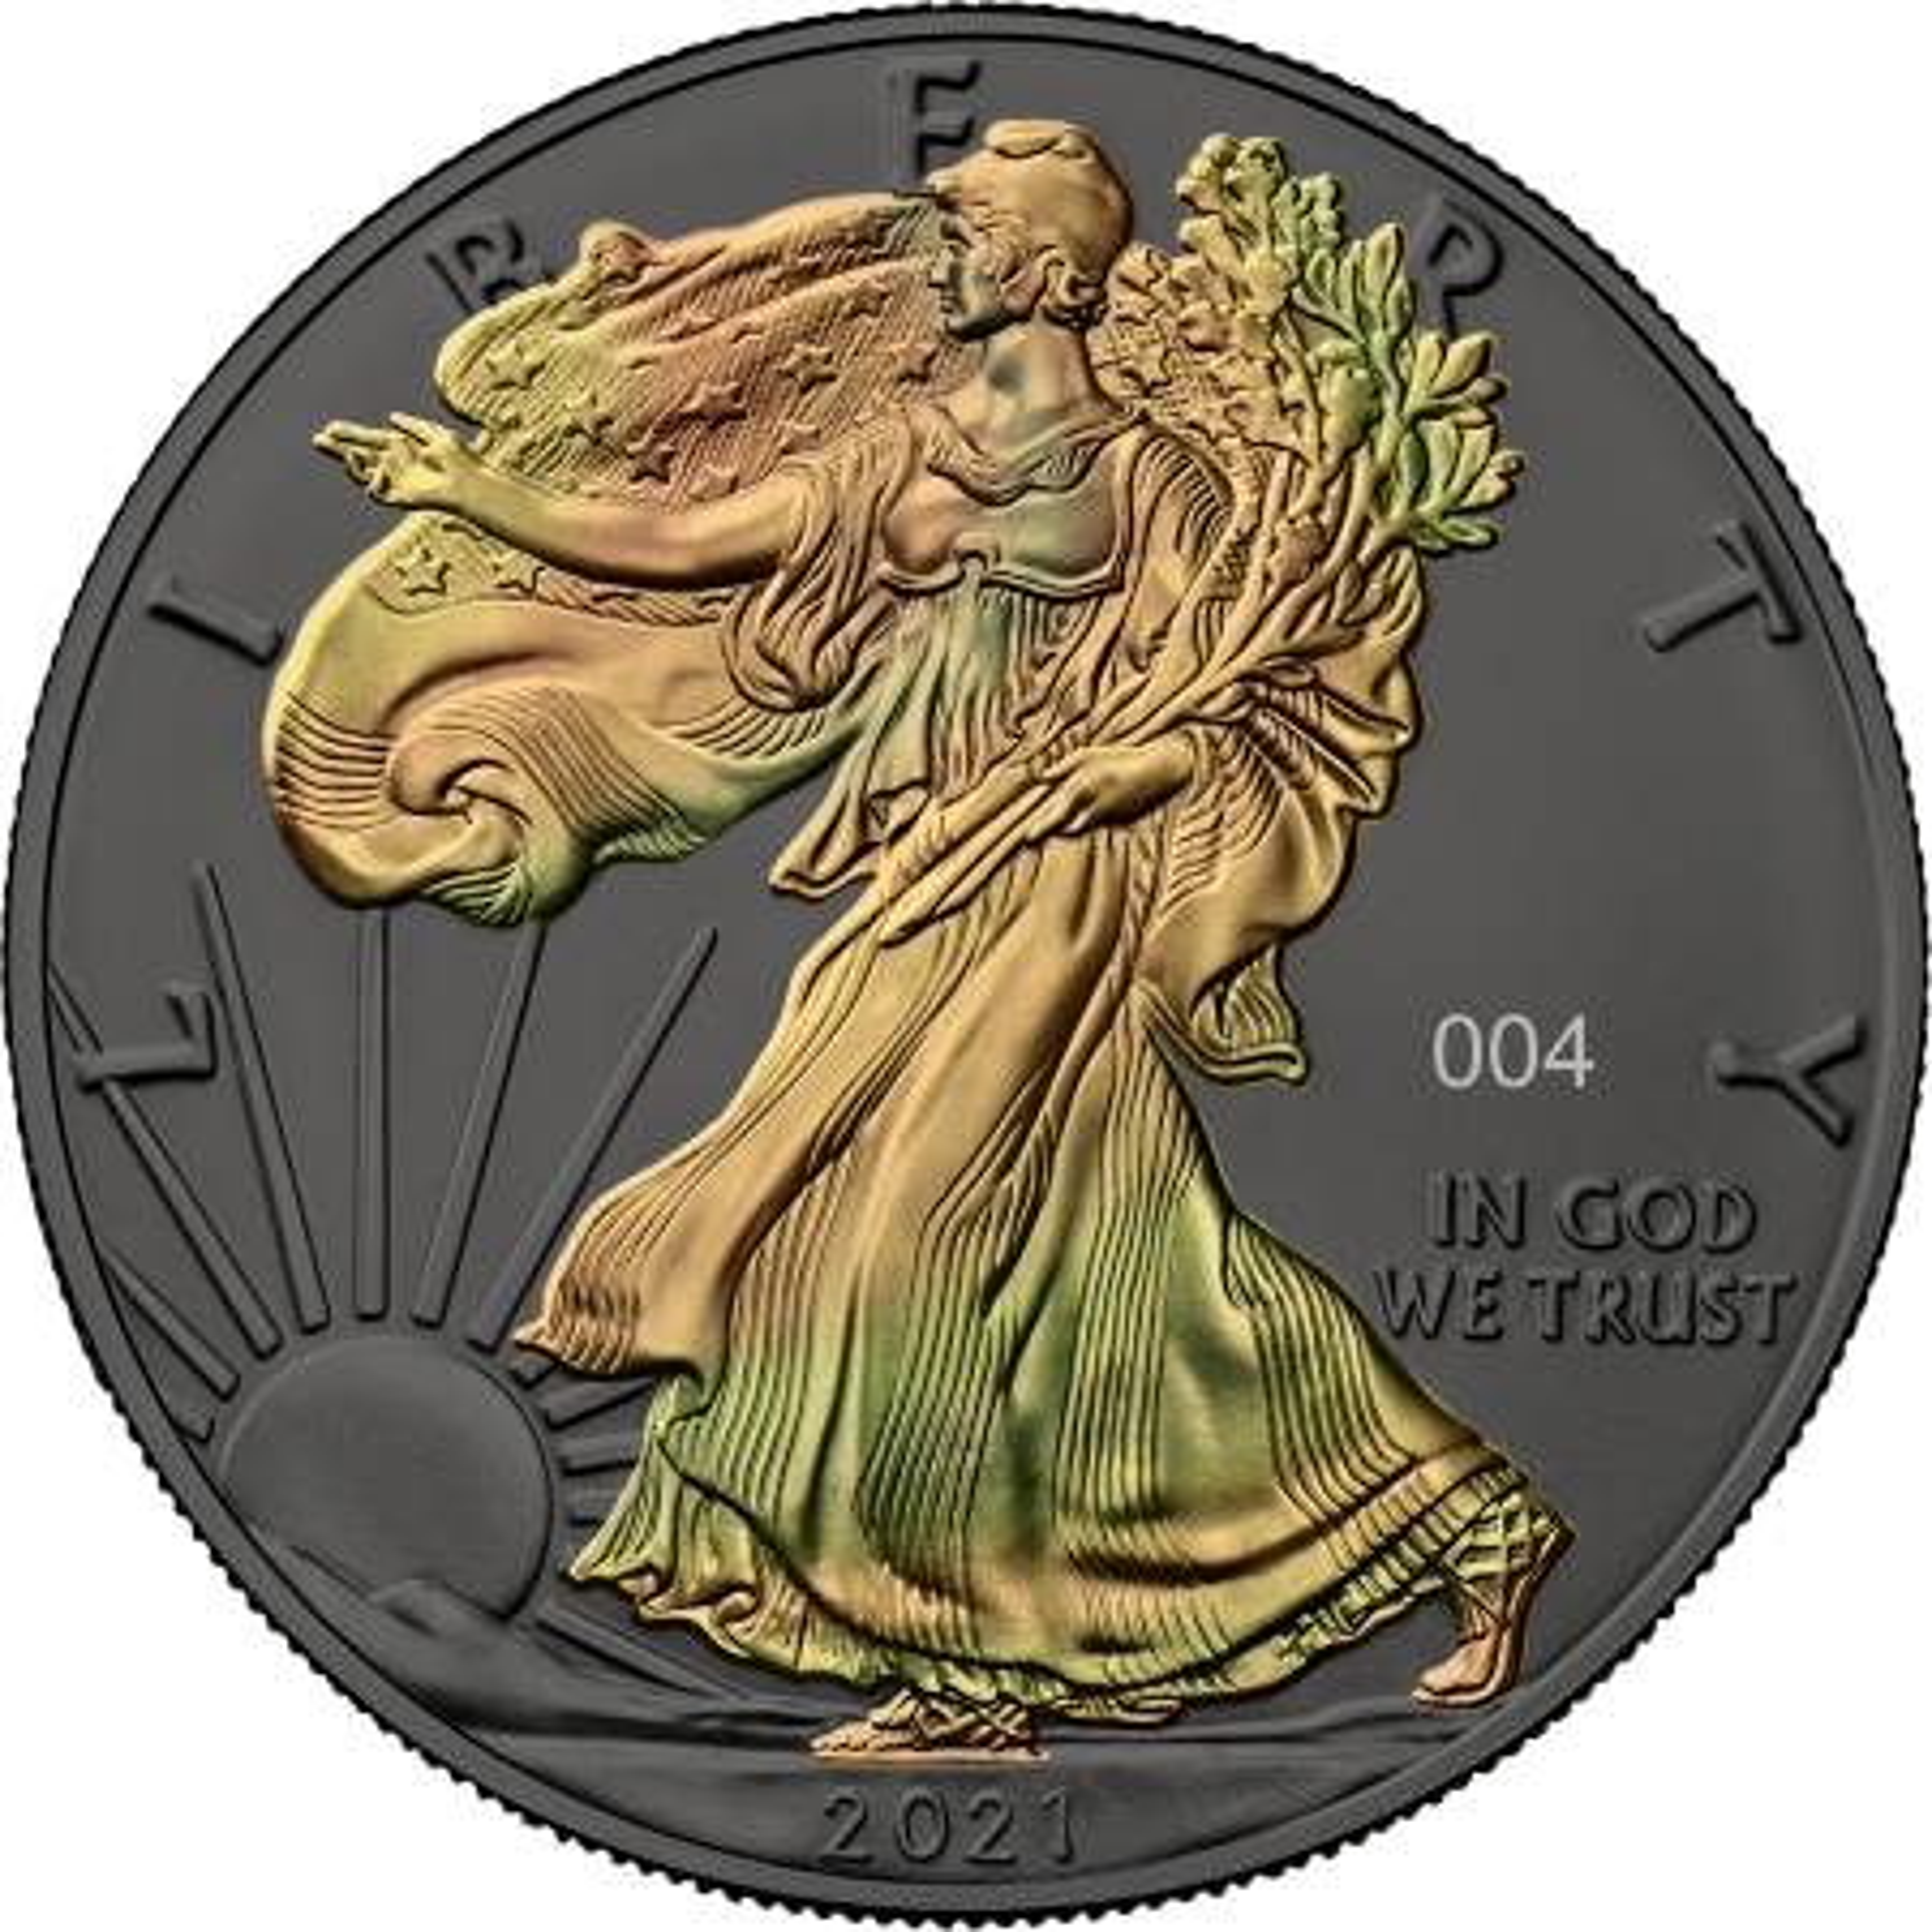 1 troy ounce zilveren munt gouden holo serie American Eagle 2021